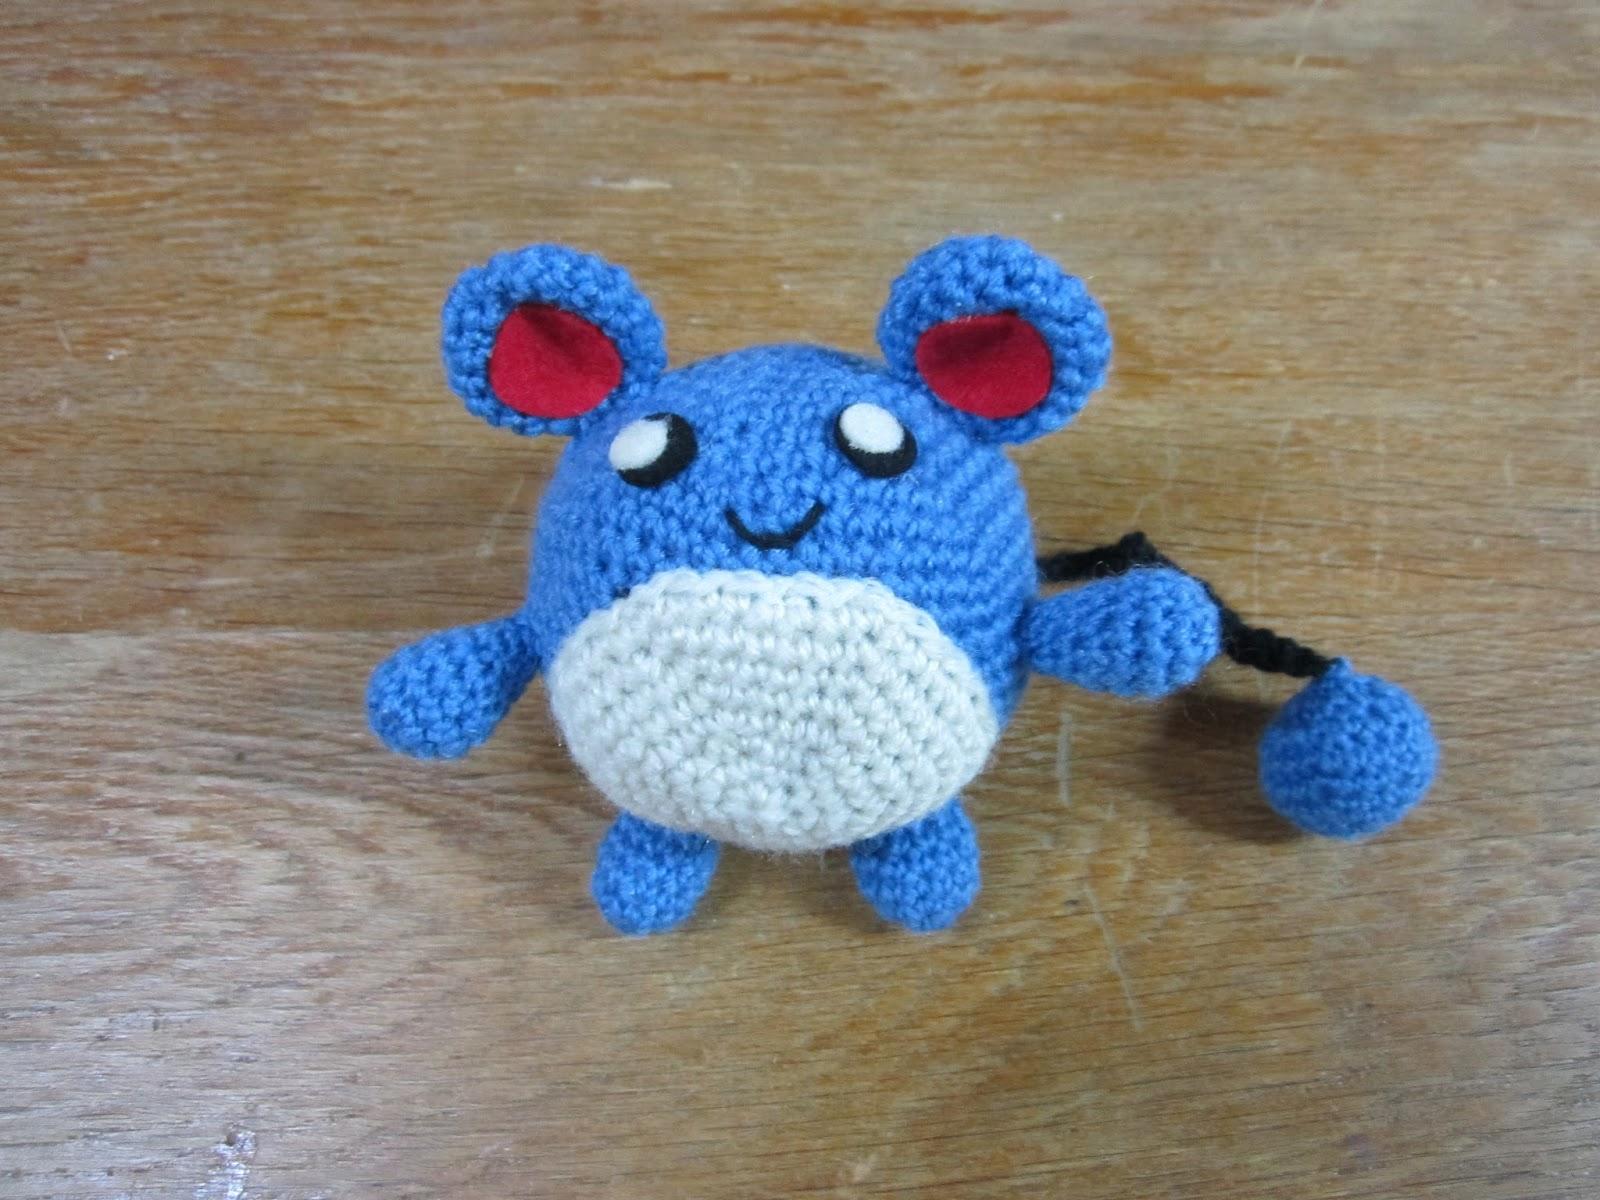 Crochet pattern Marill | Pokemon crochet pattern, Crochet patterns ... | 1200x1600